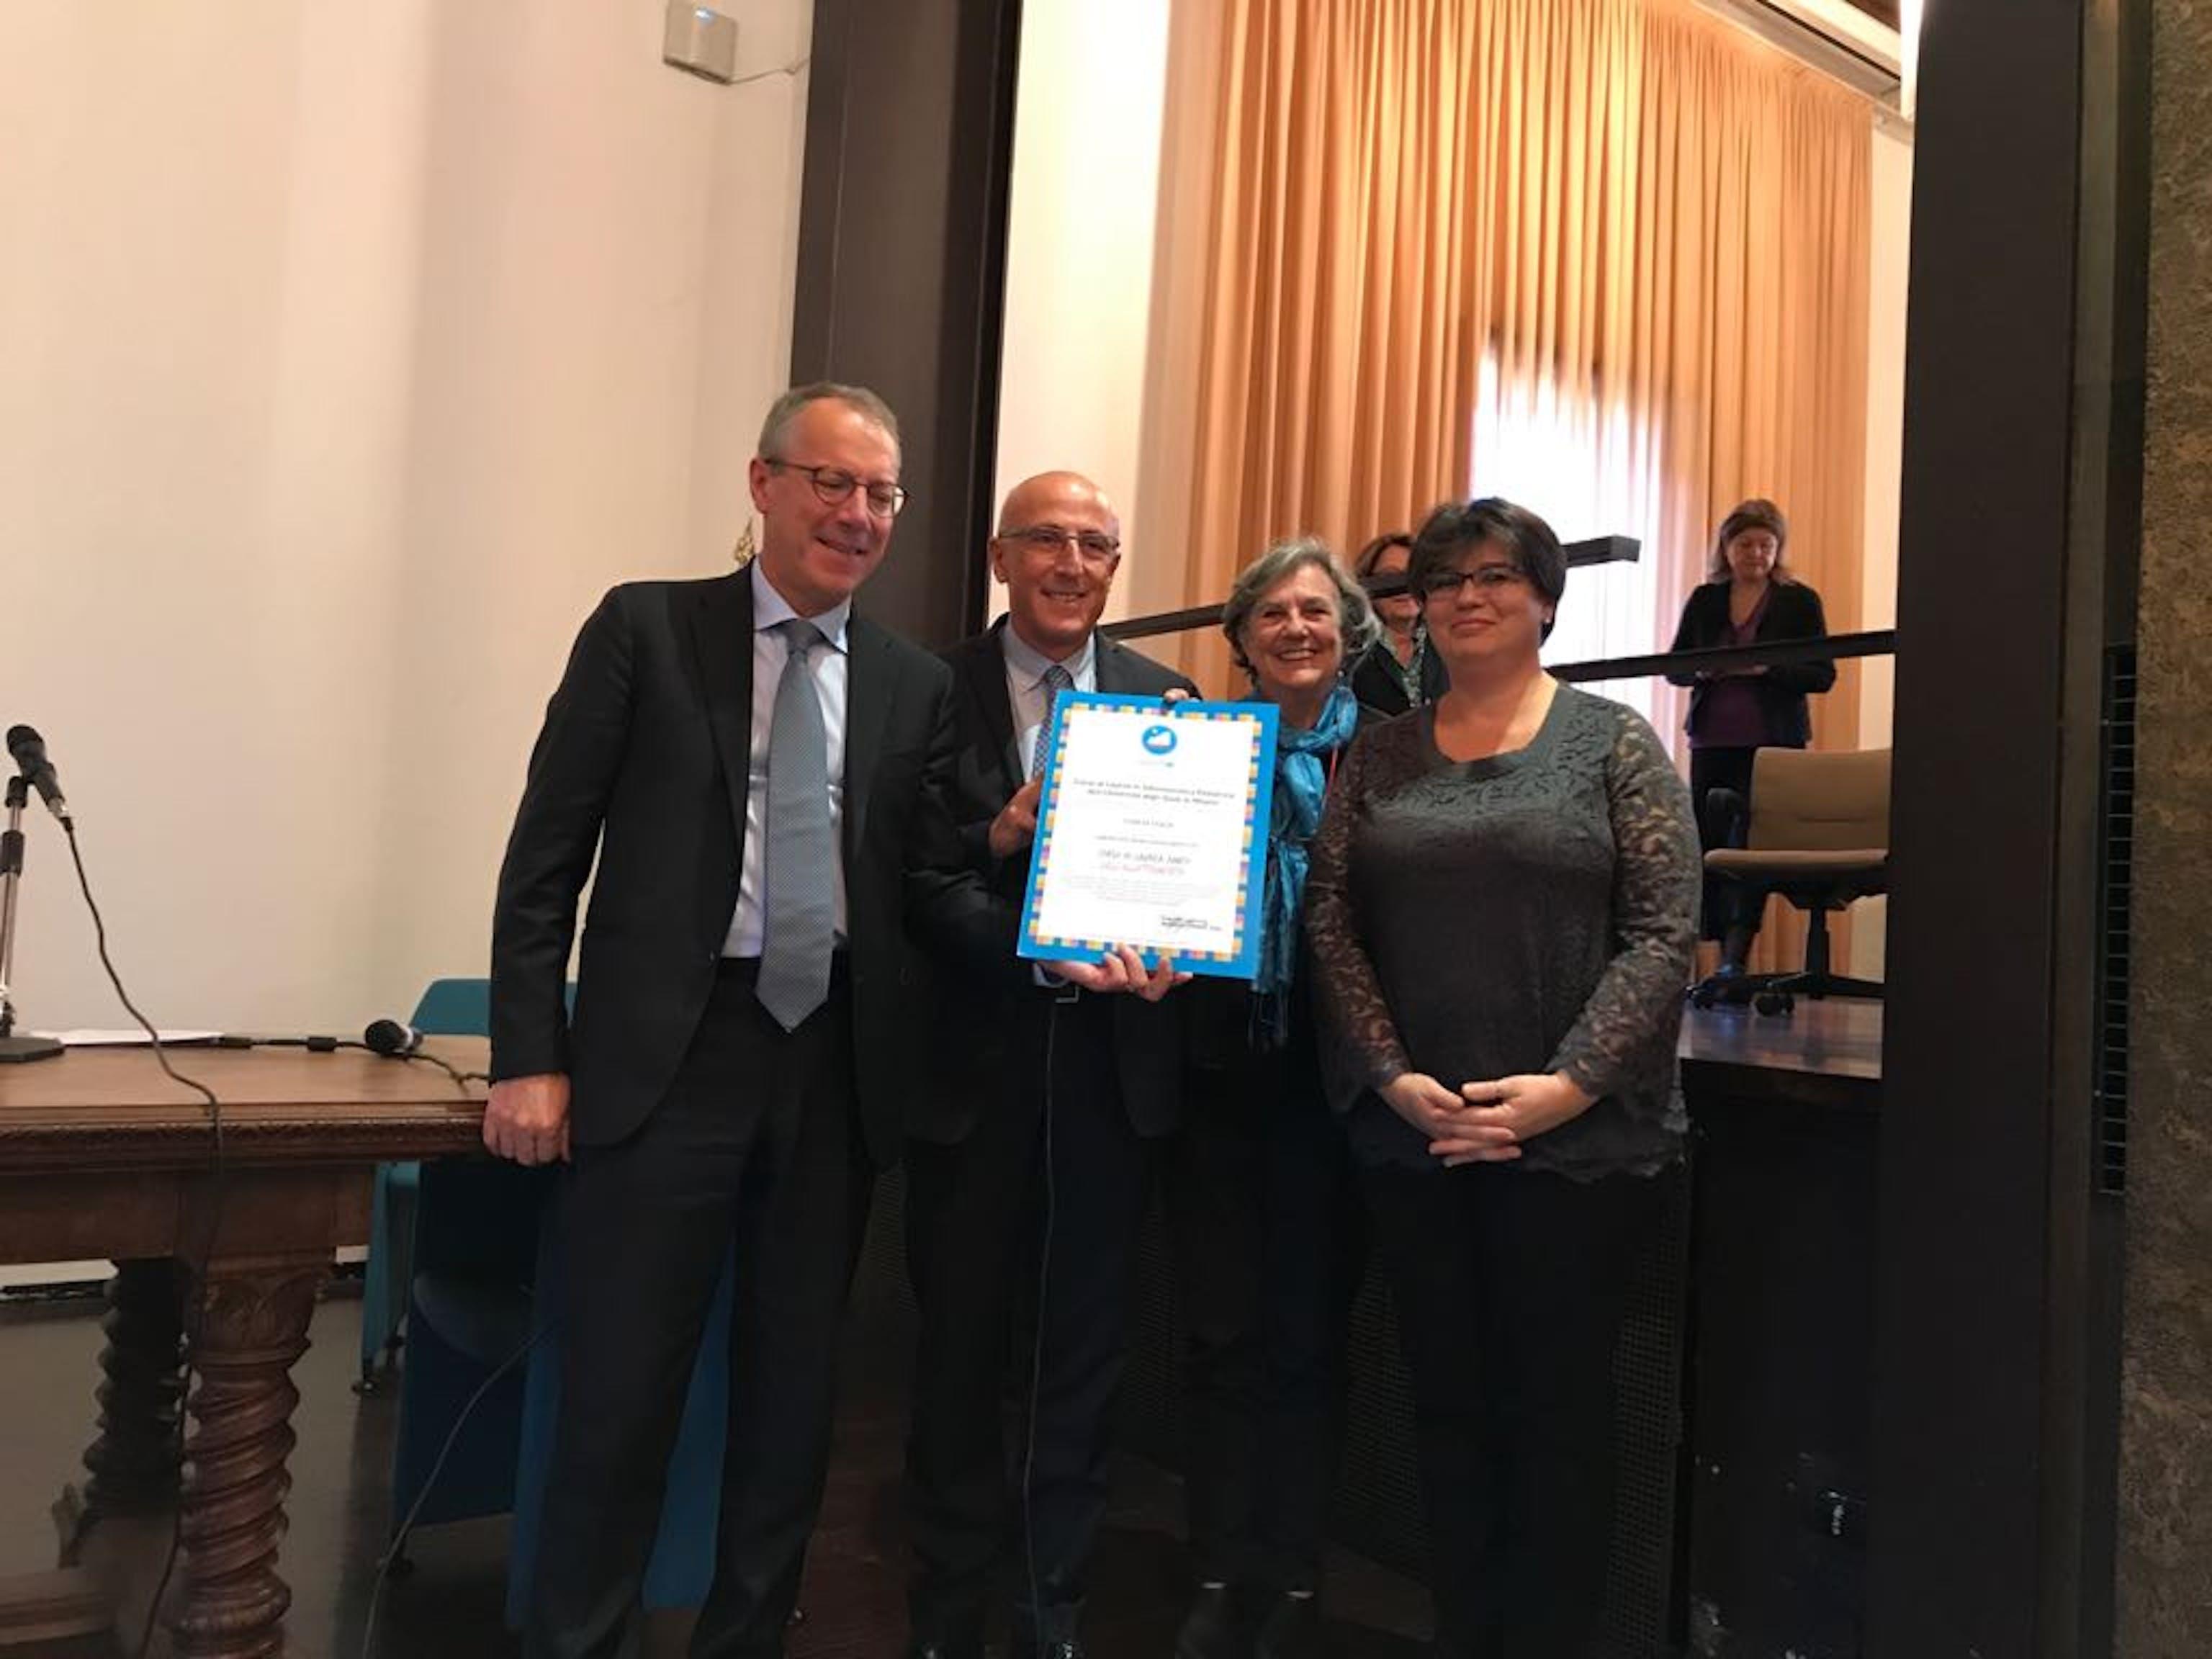 Un momento della cerimonia di riconoscimento del Corso di laurea in Infermieristica pediatrica della Statale di Milano come